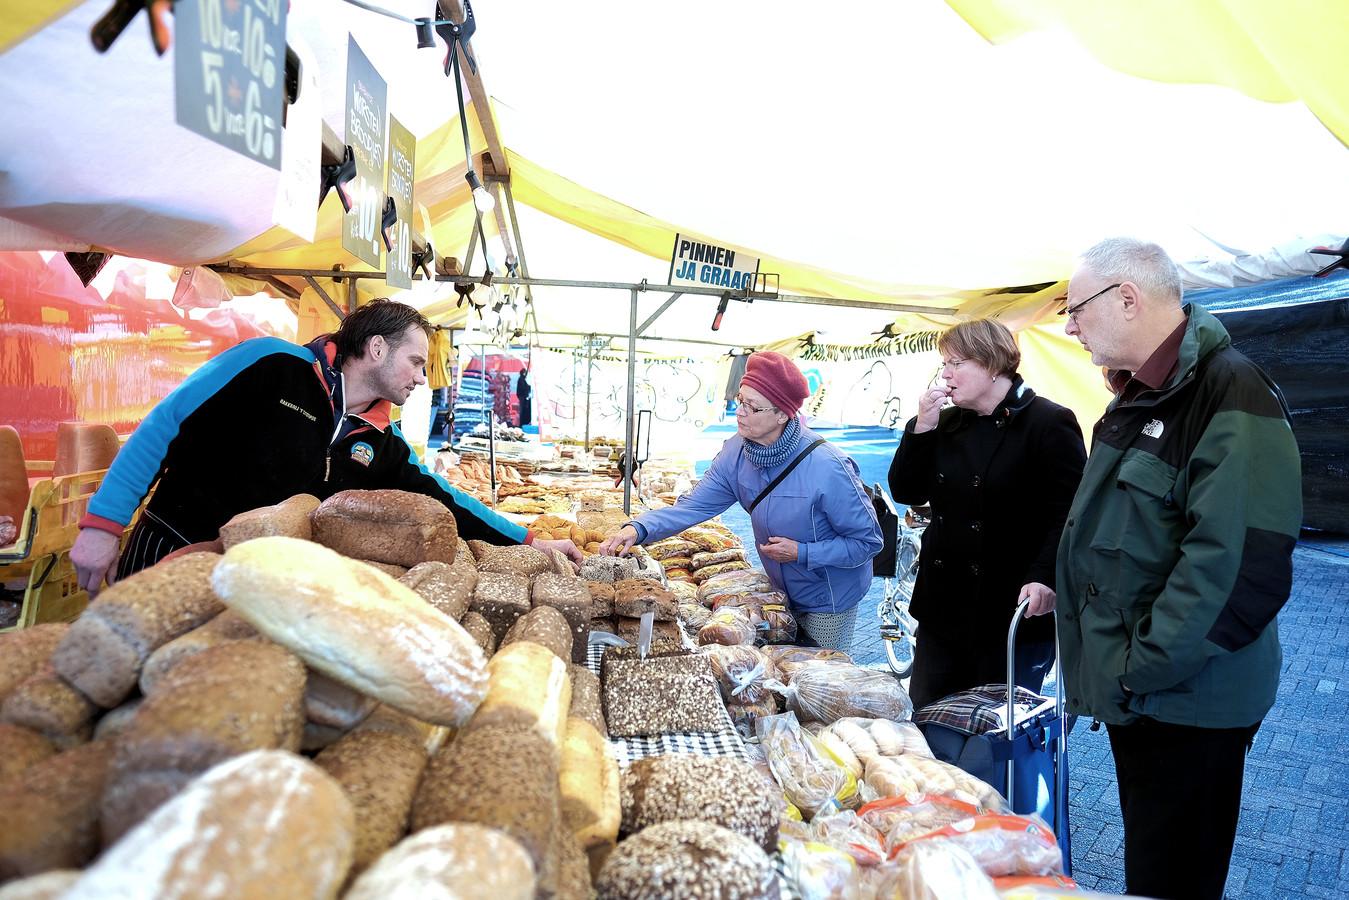 Archieffoto: Willem Geijssen verkoopt brood op de markt in Duiven.